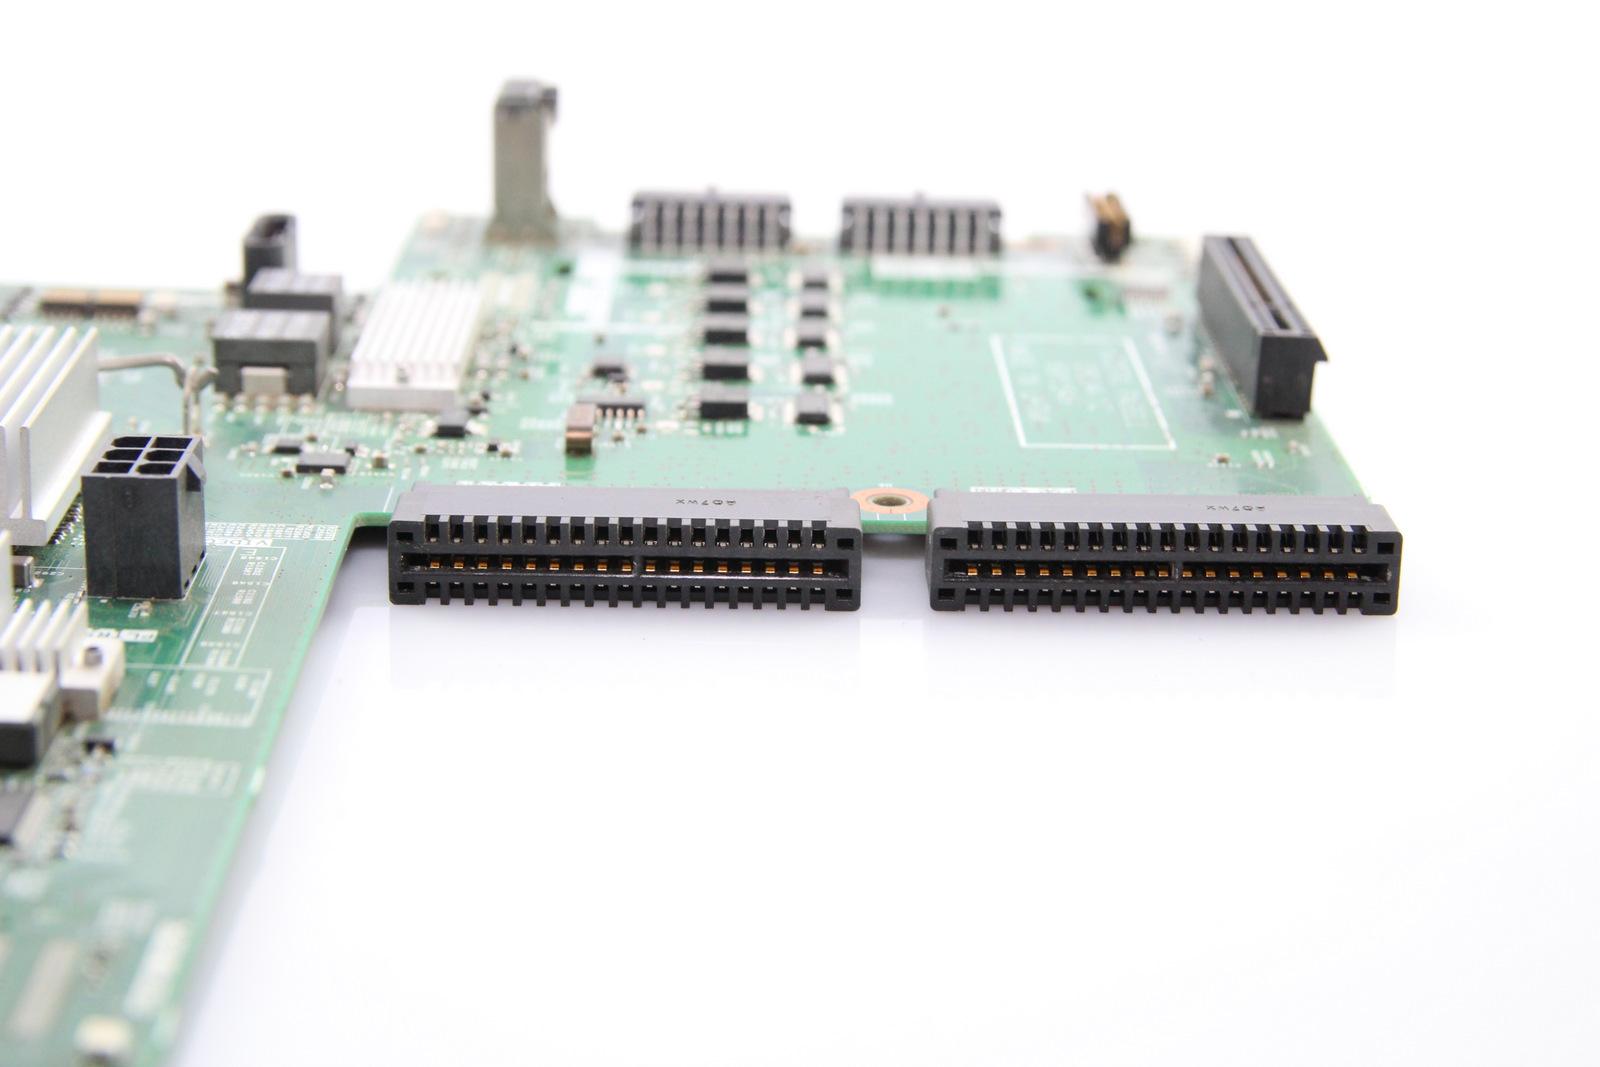 X3650 m3 dimm slots